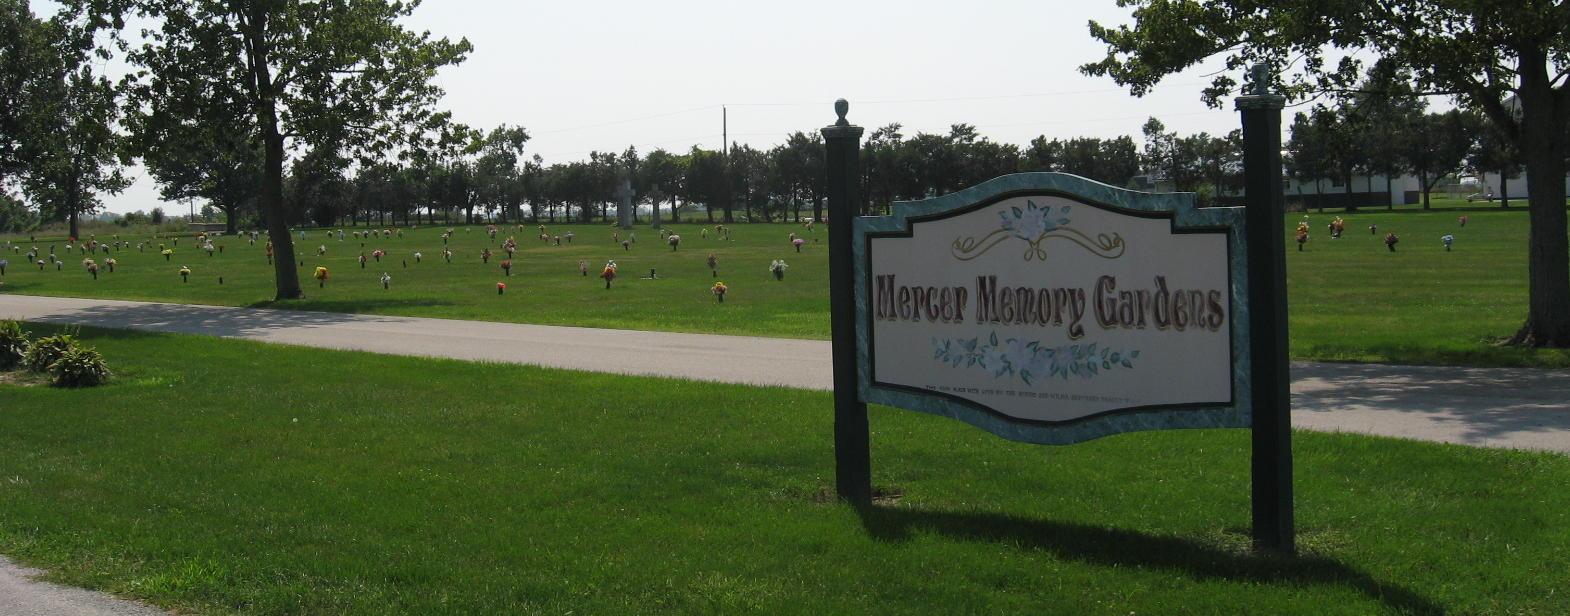 Mercer Memory Gardens